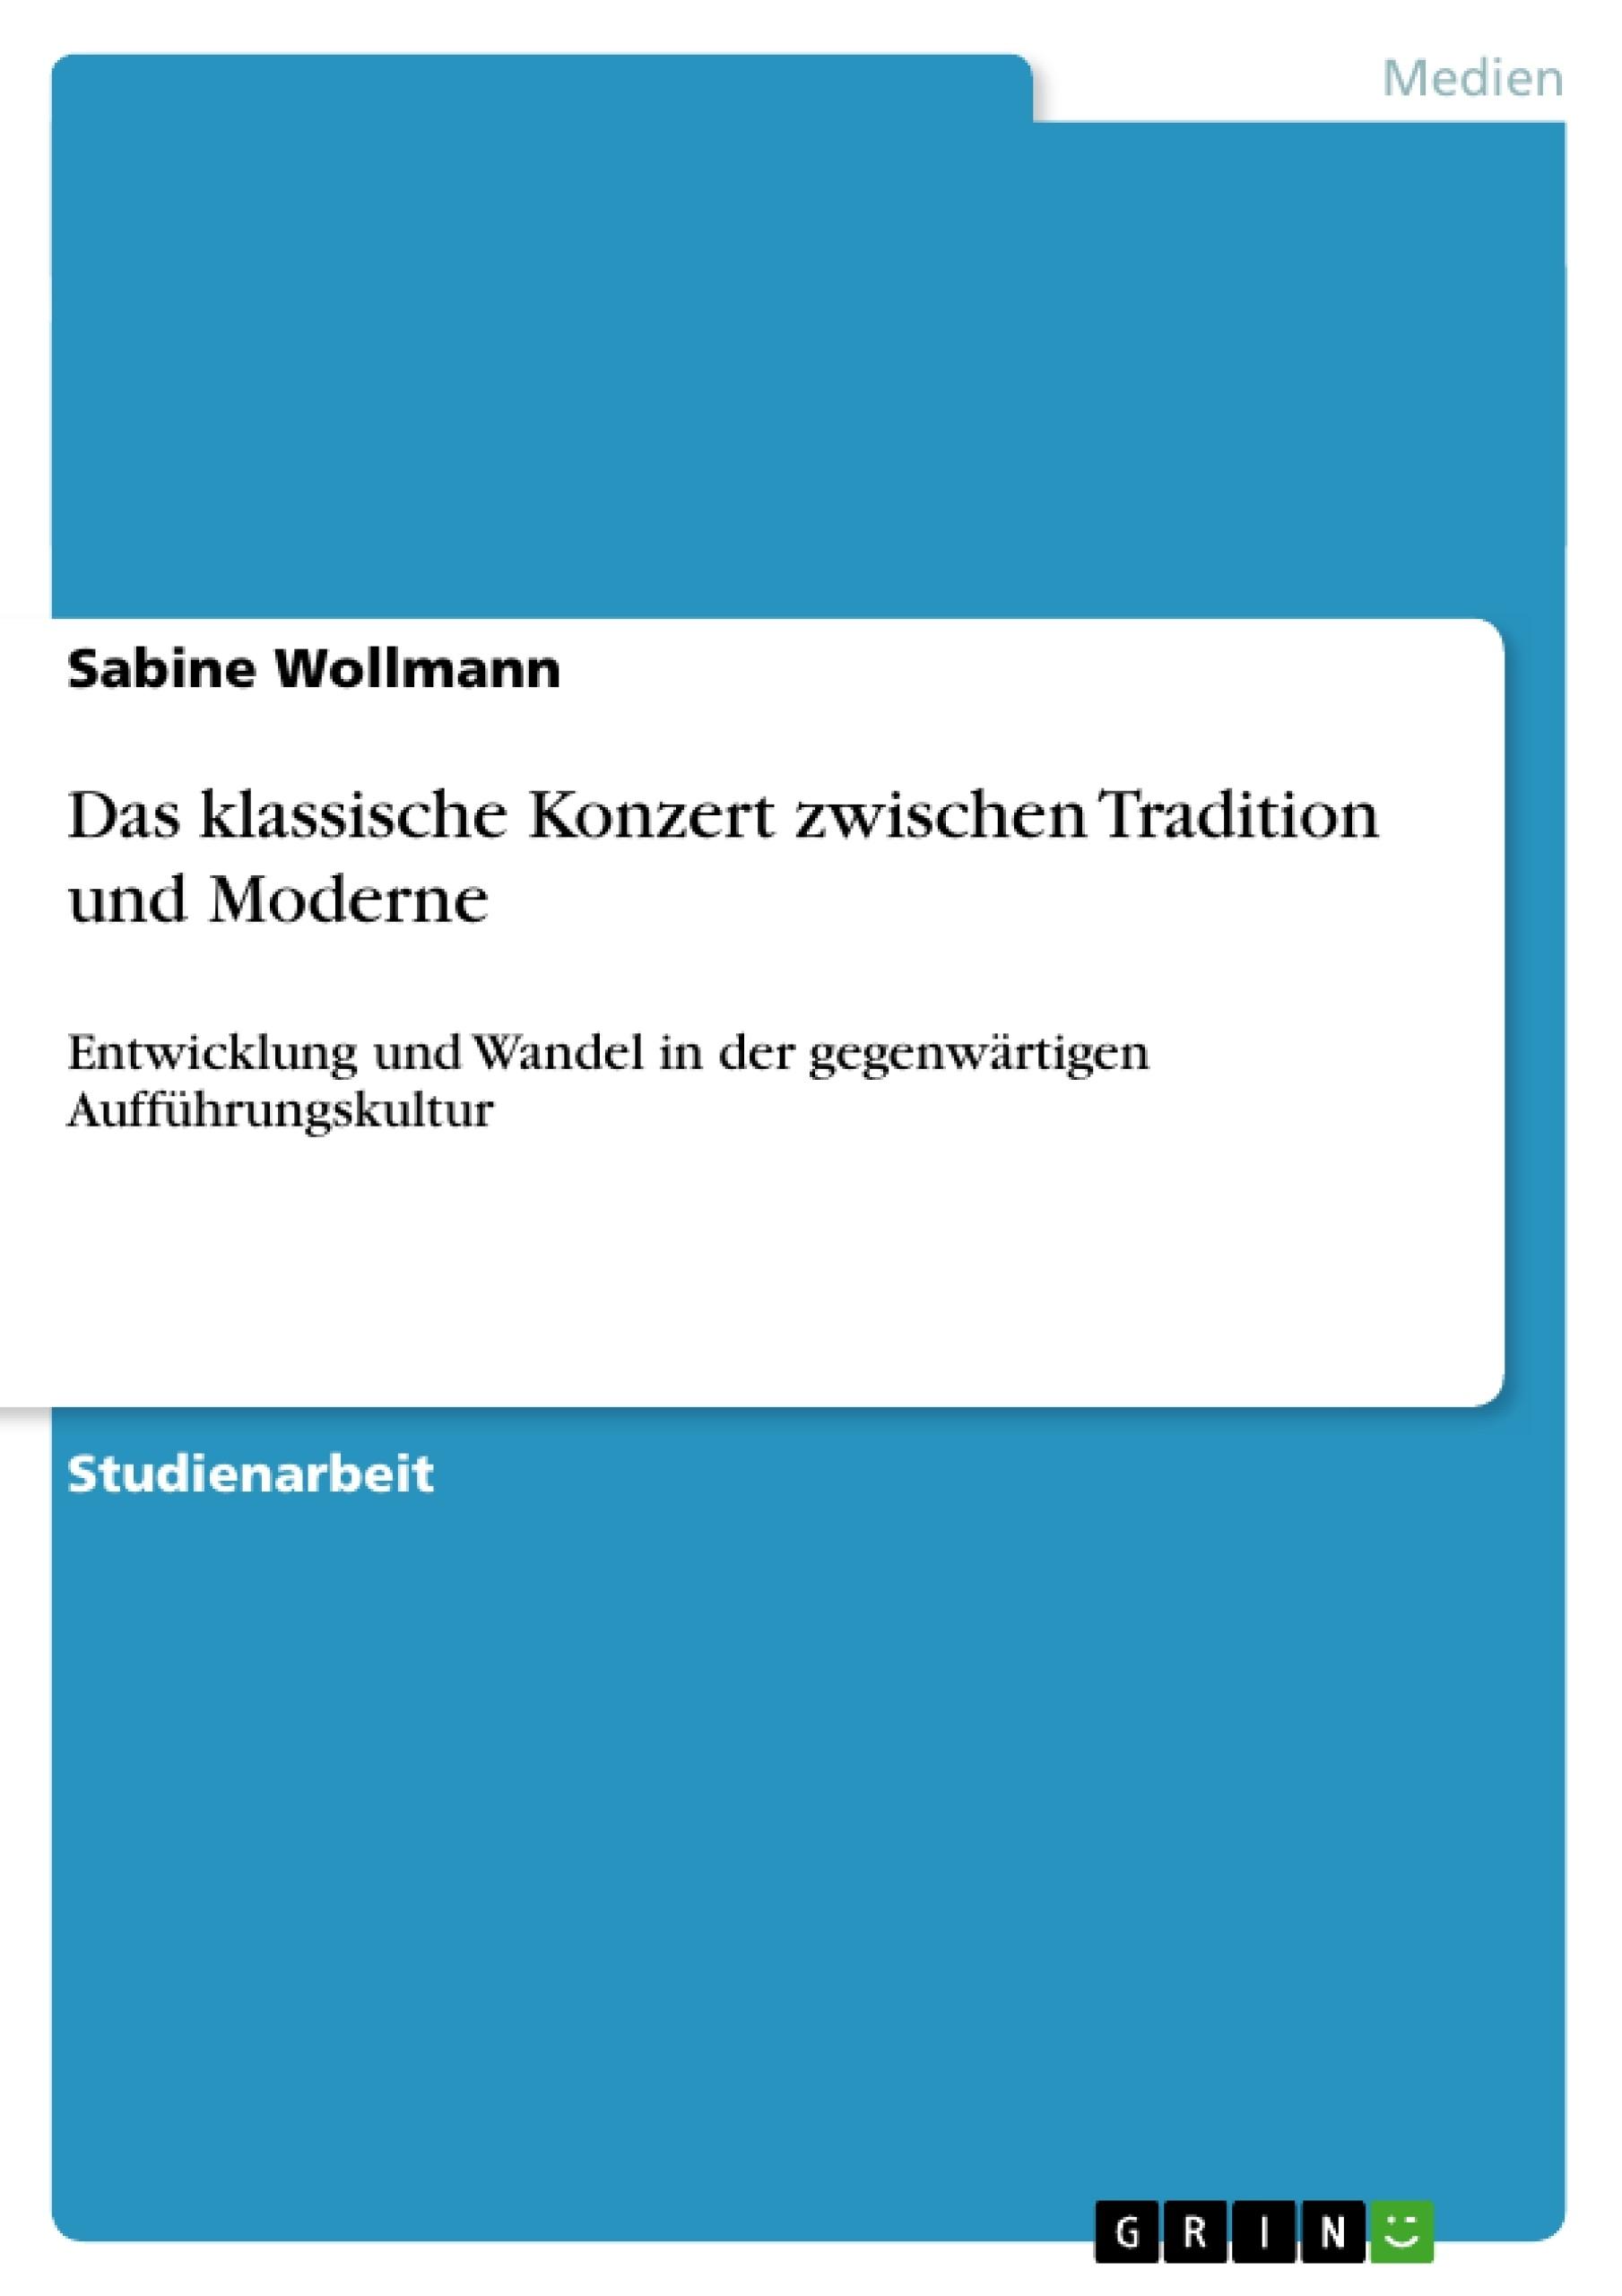 Titel: Das klassische Konzert zwischen Tradition und Moderne